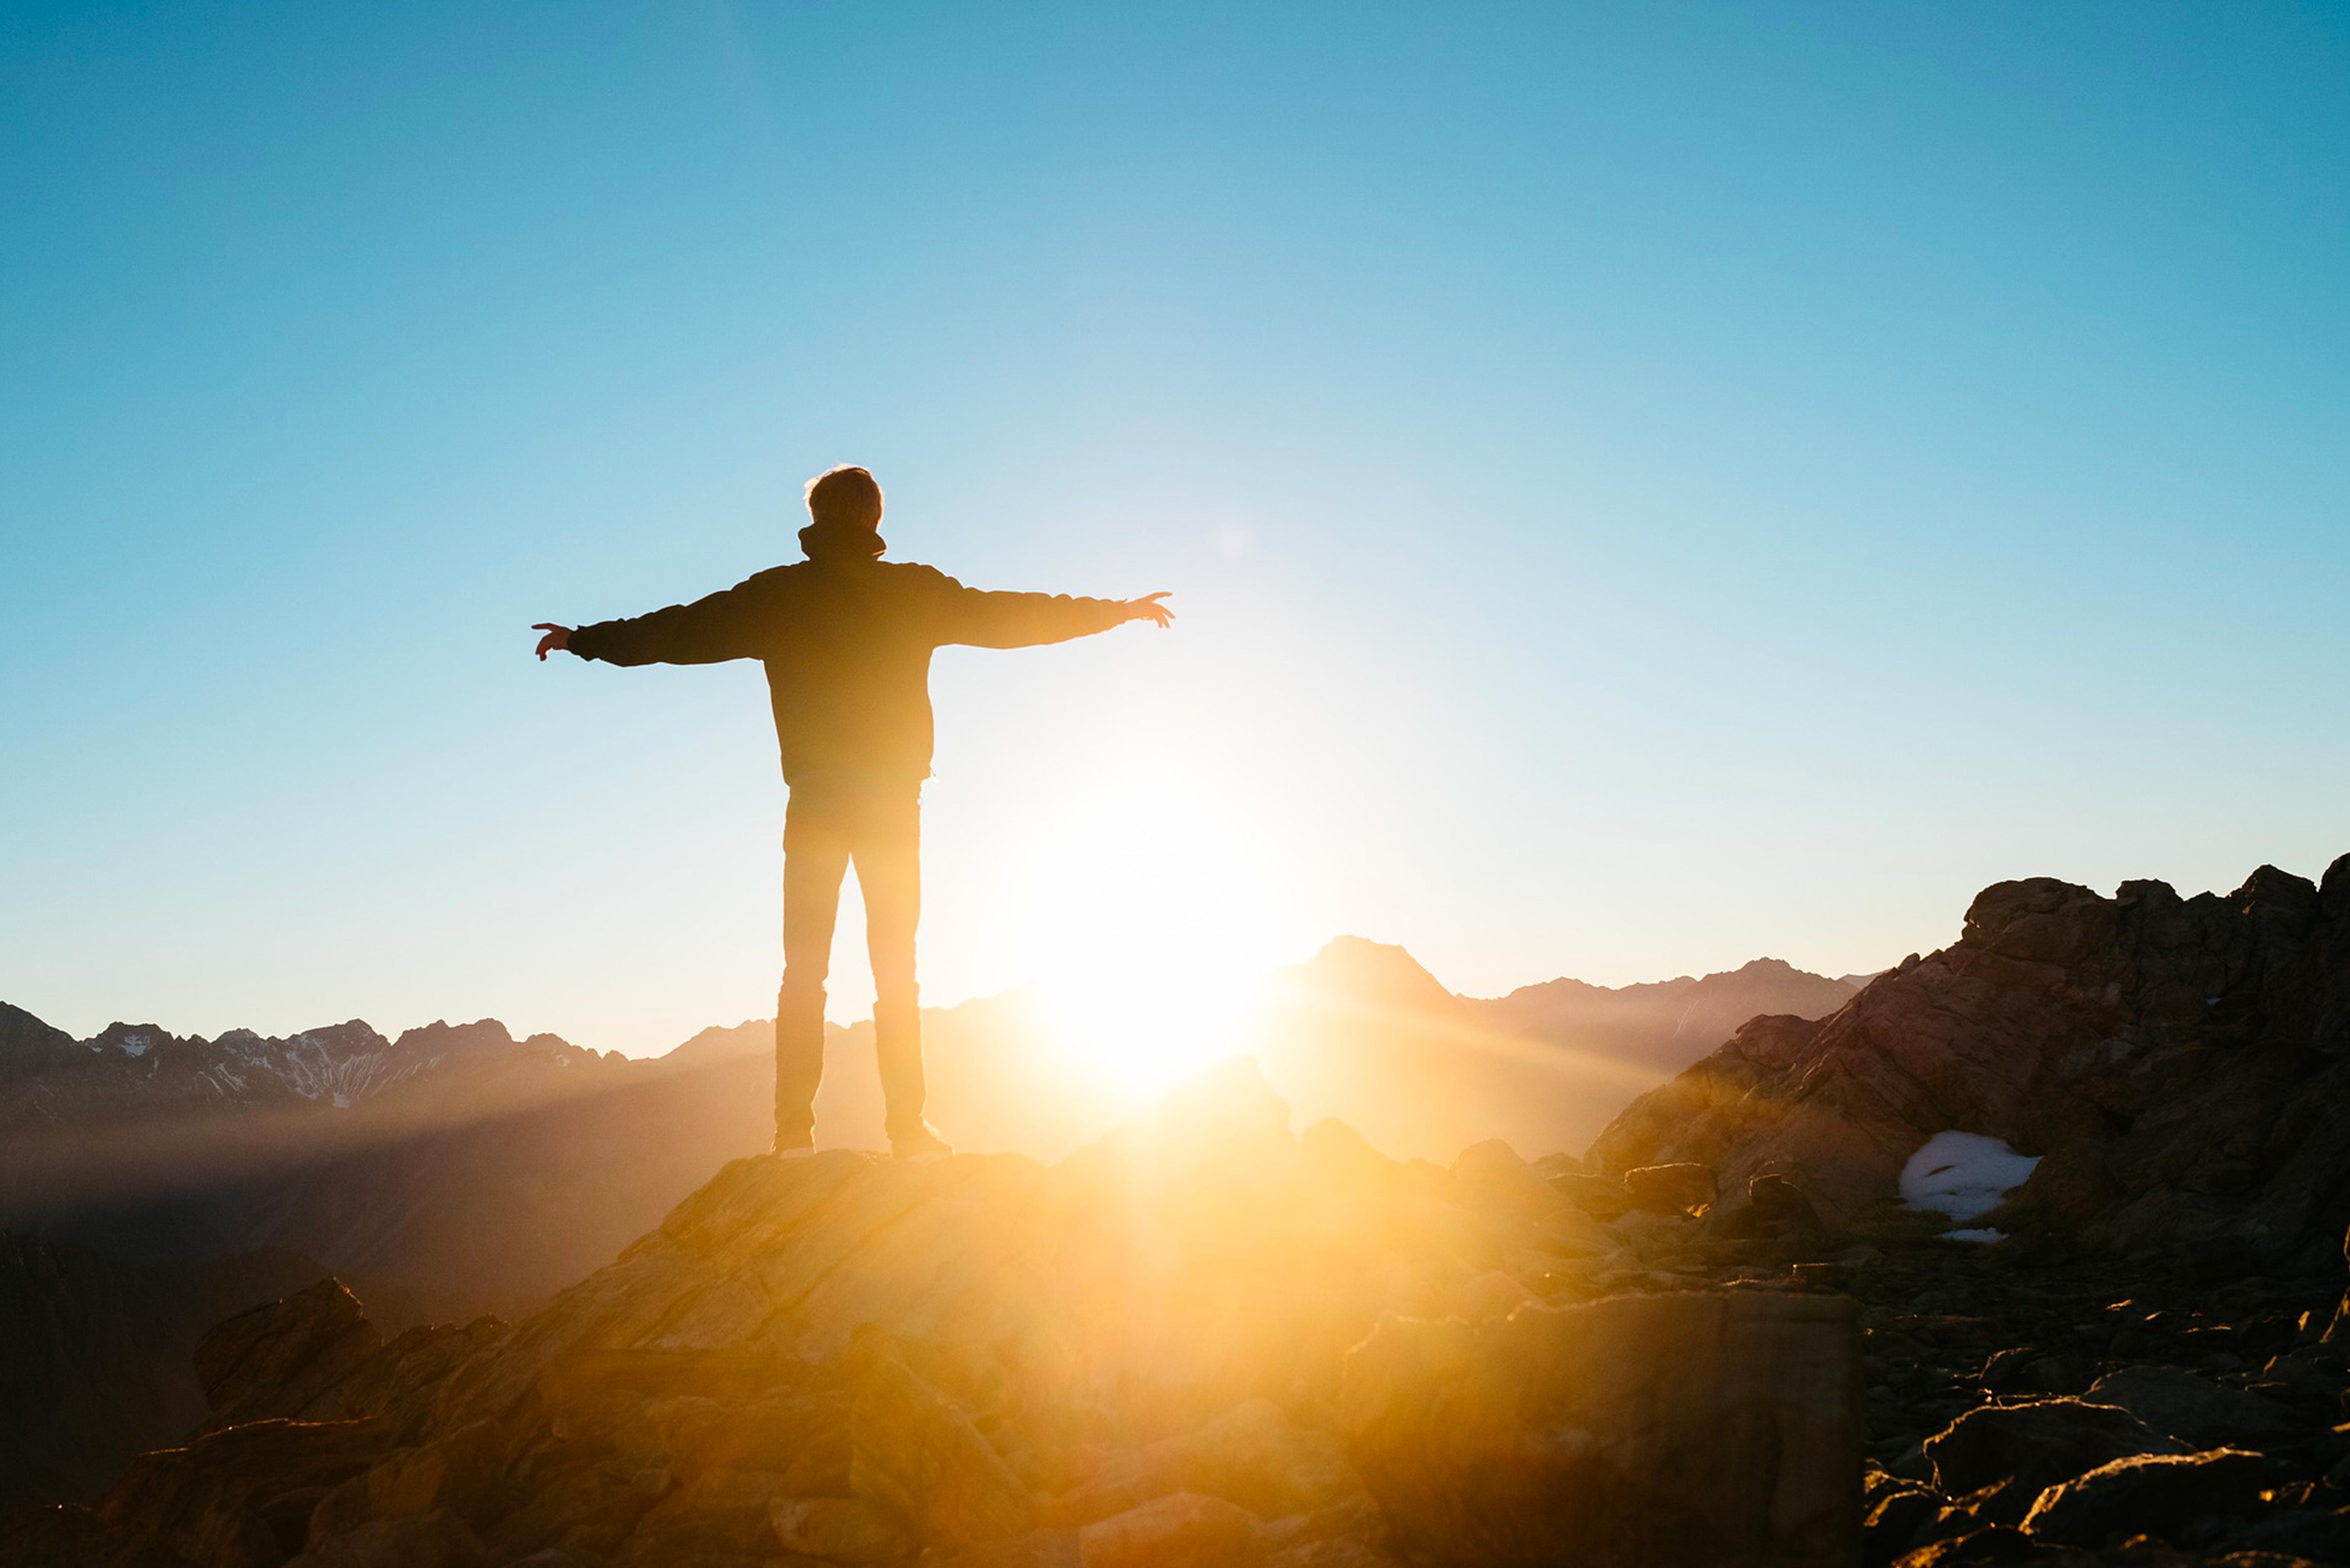 xavier-clain-succes-soleil-homme-montagne